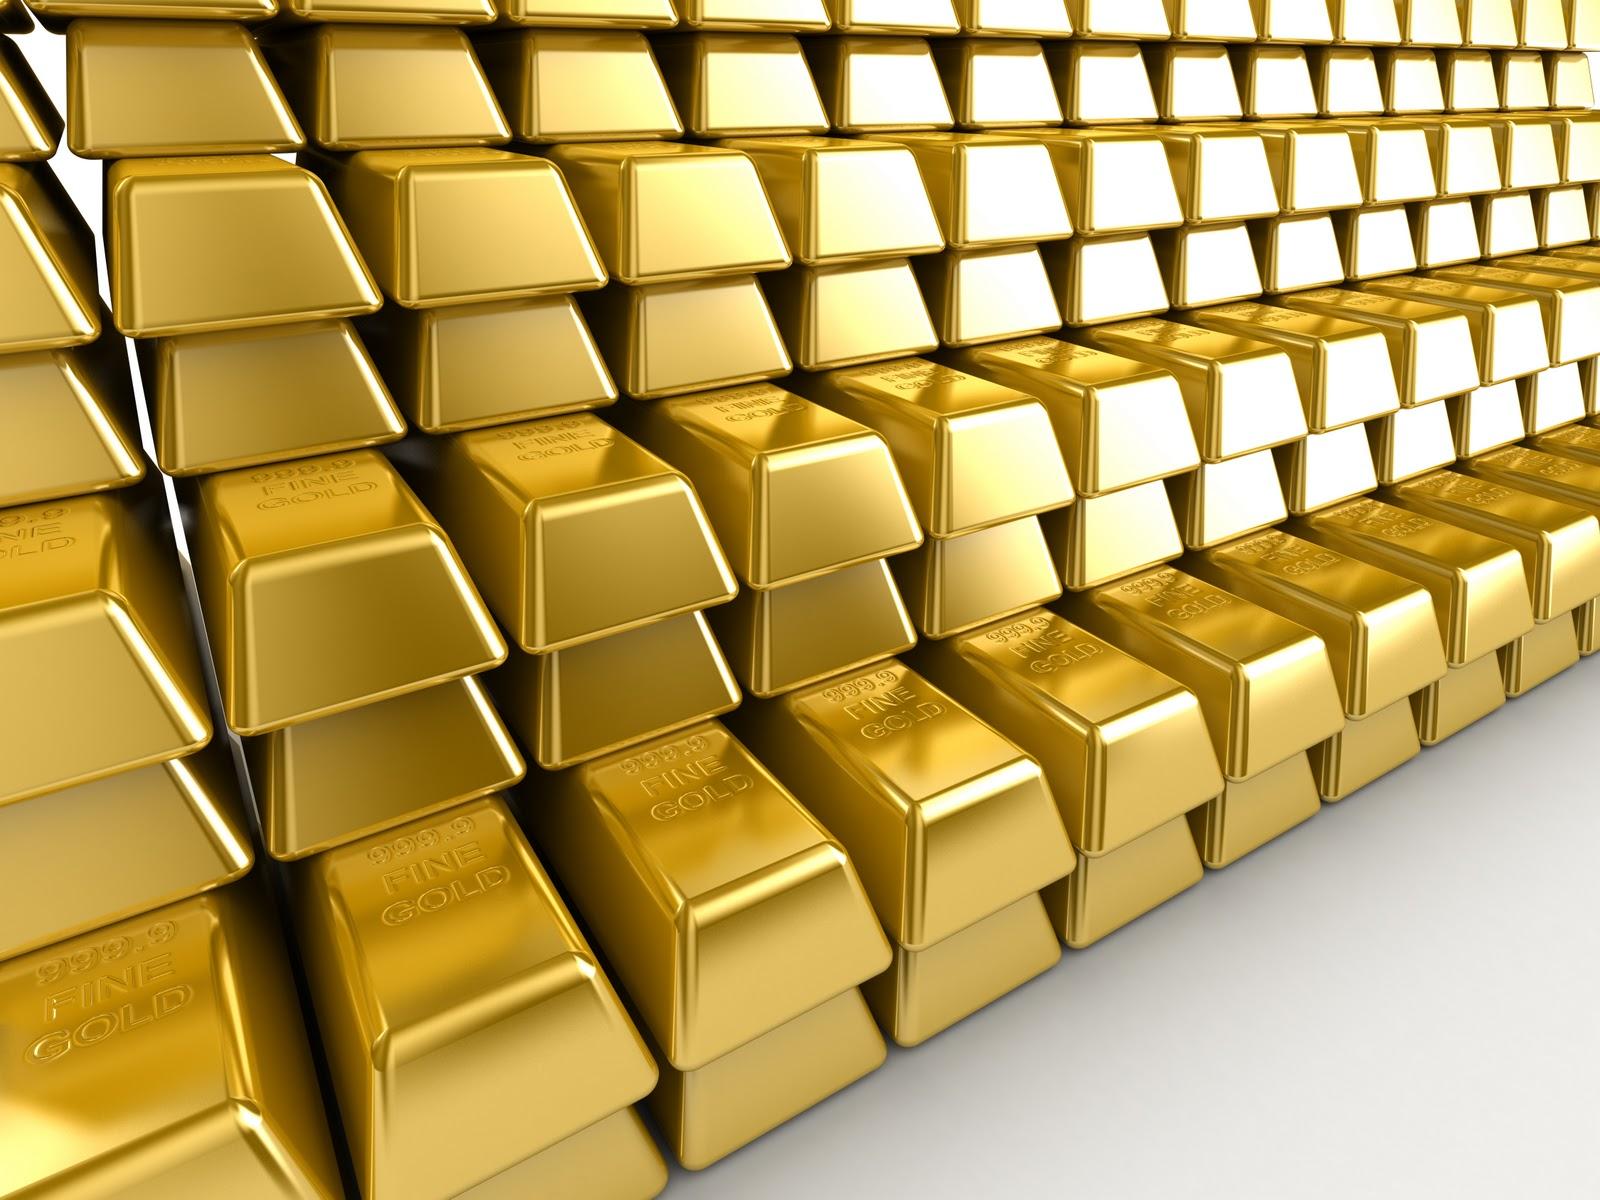 سعر الذهب في الكويت اليوم الاحد 5-1-2014 , اسعار جرام الذهب في الكويت 5 يناير 2014